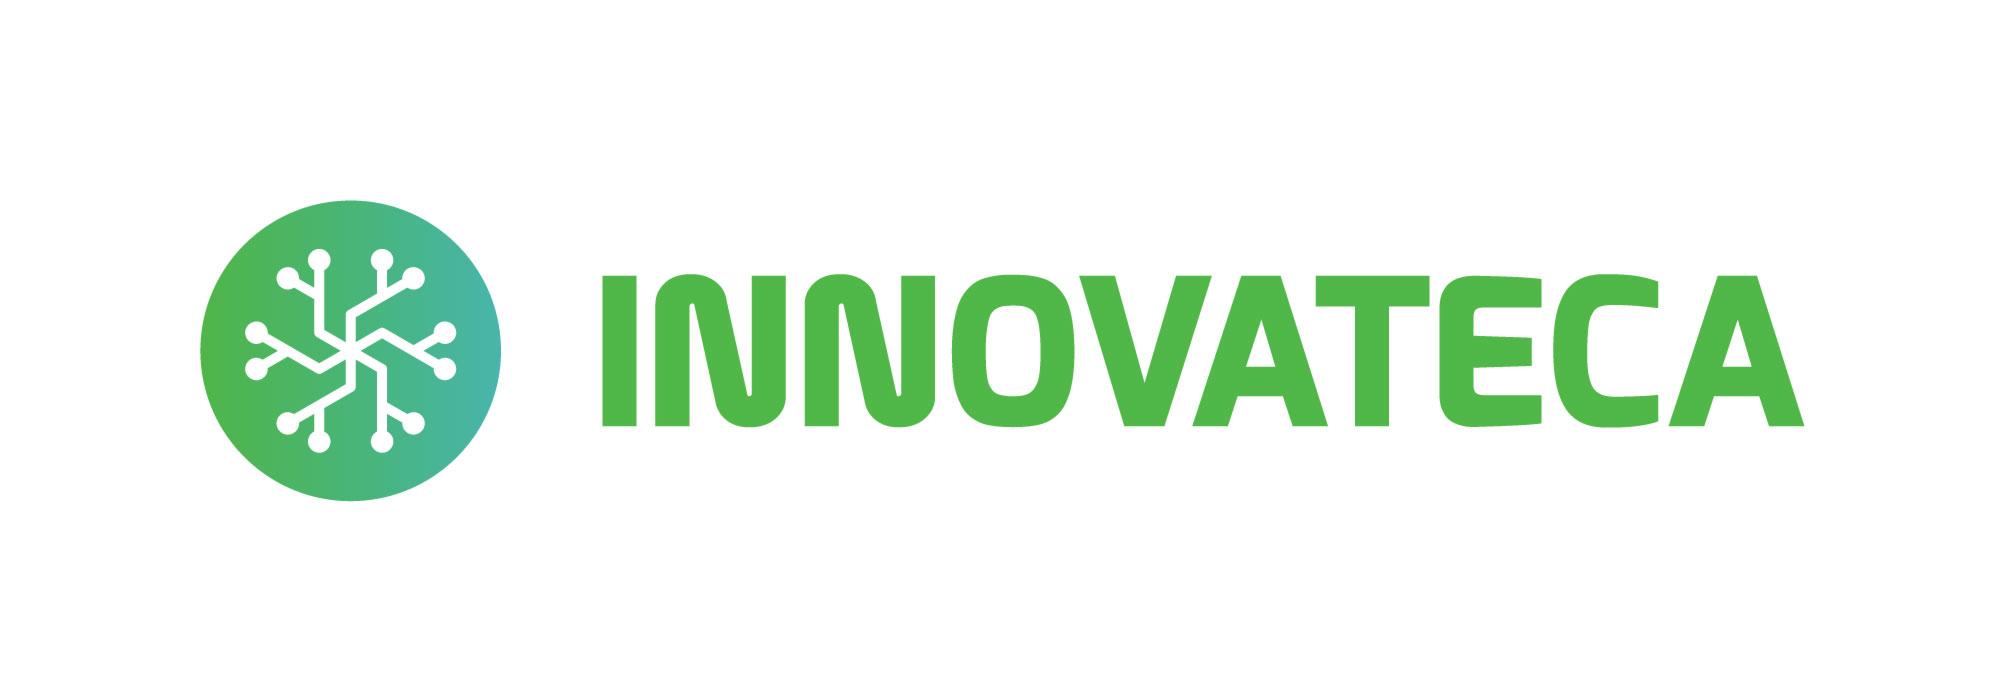 Innovateca